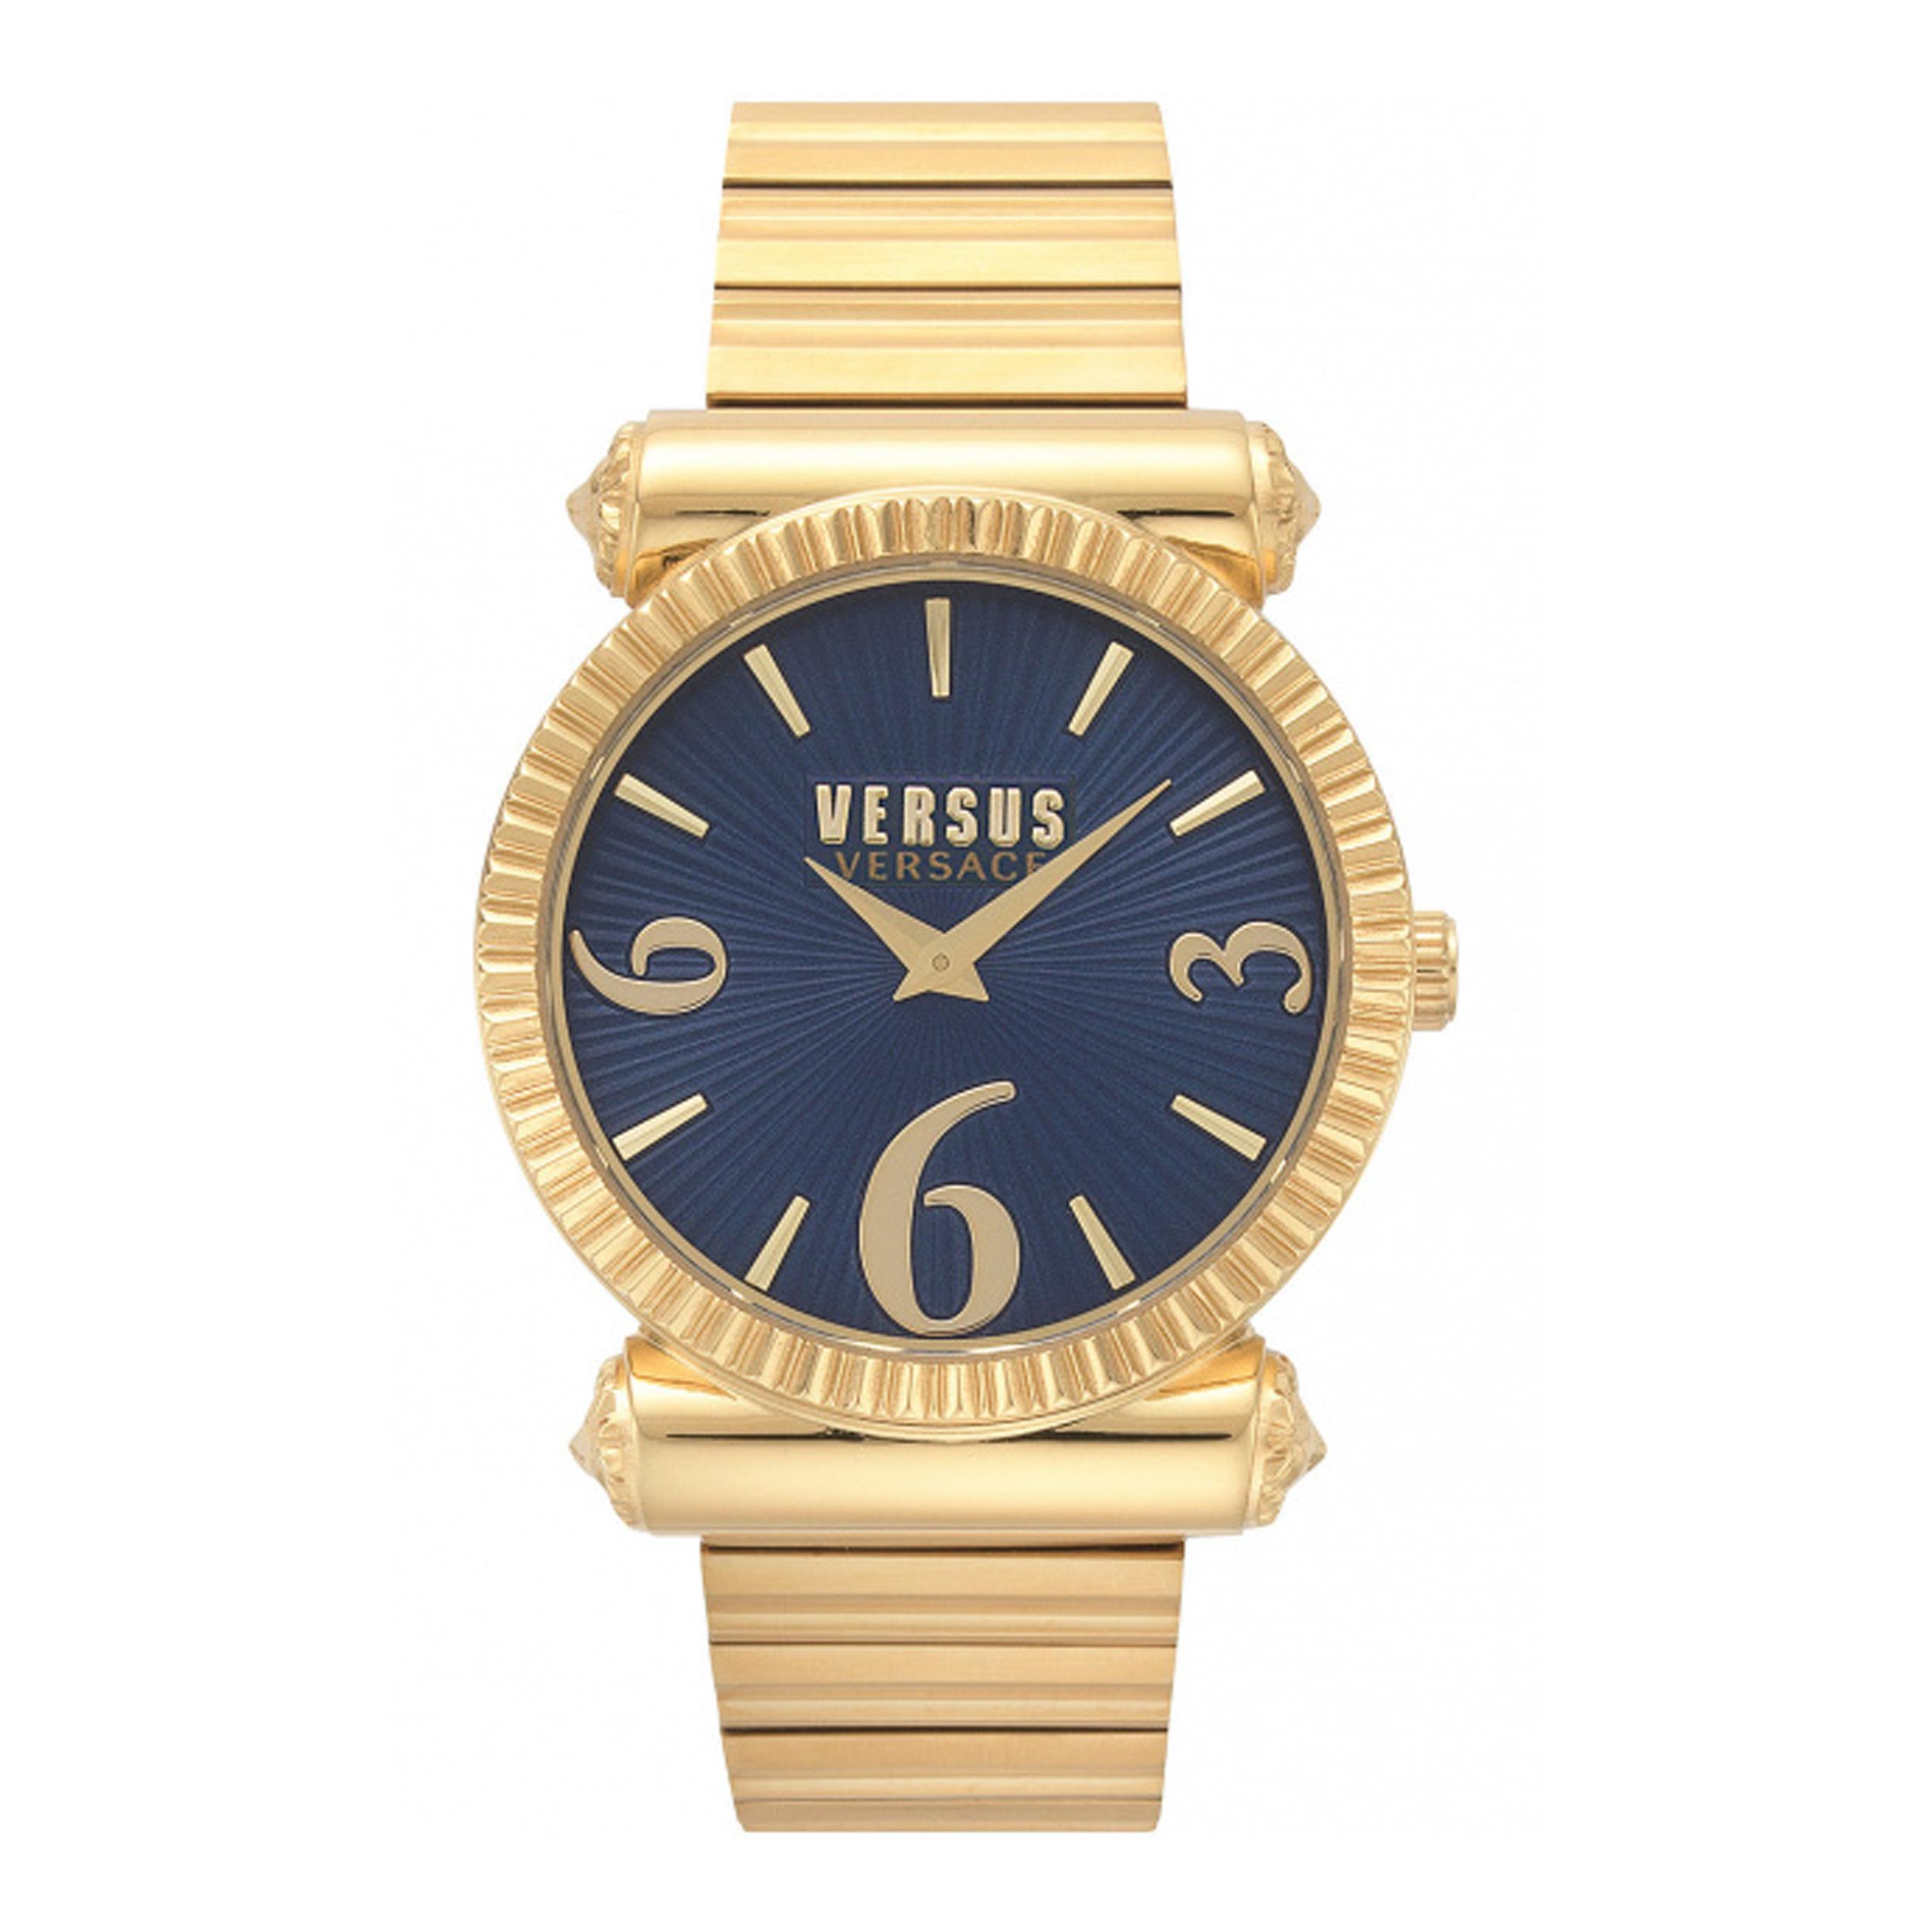 ساعت مچی عقربه ای زنانه ورسوس ورساچه مدل VSP1V1019              ارزان